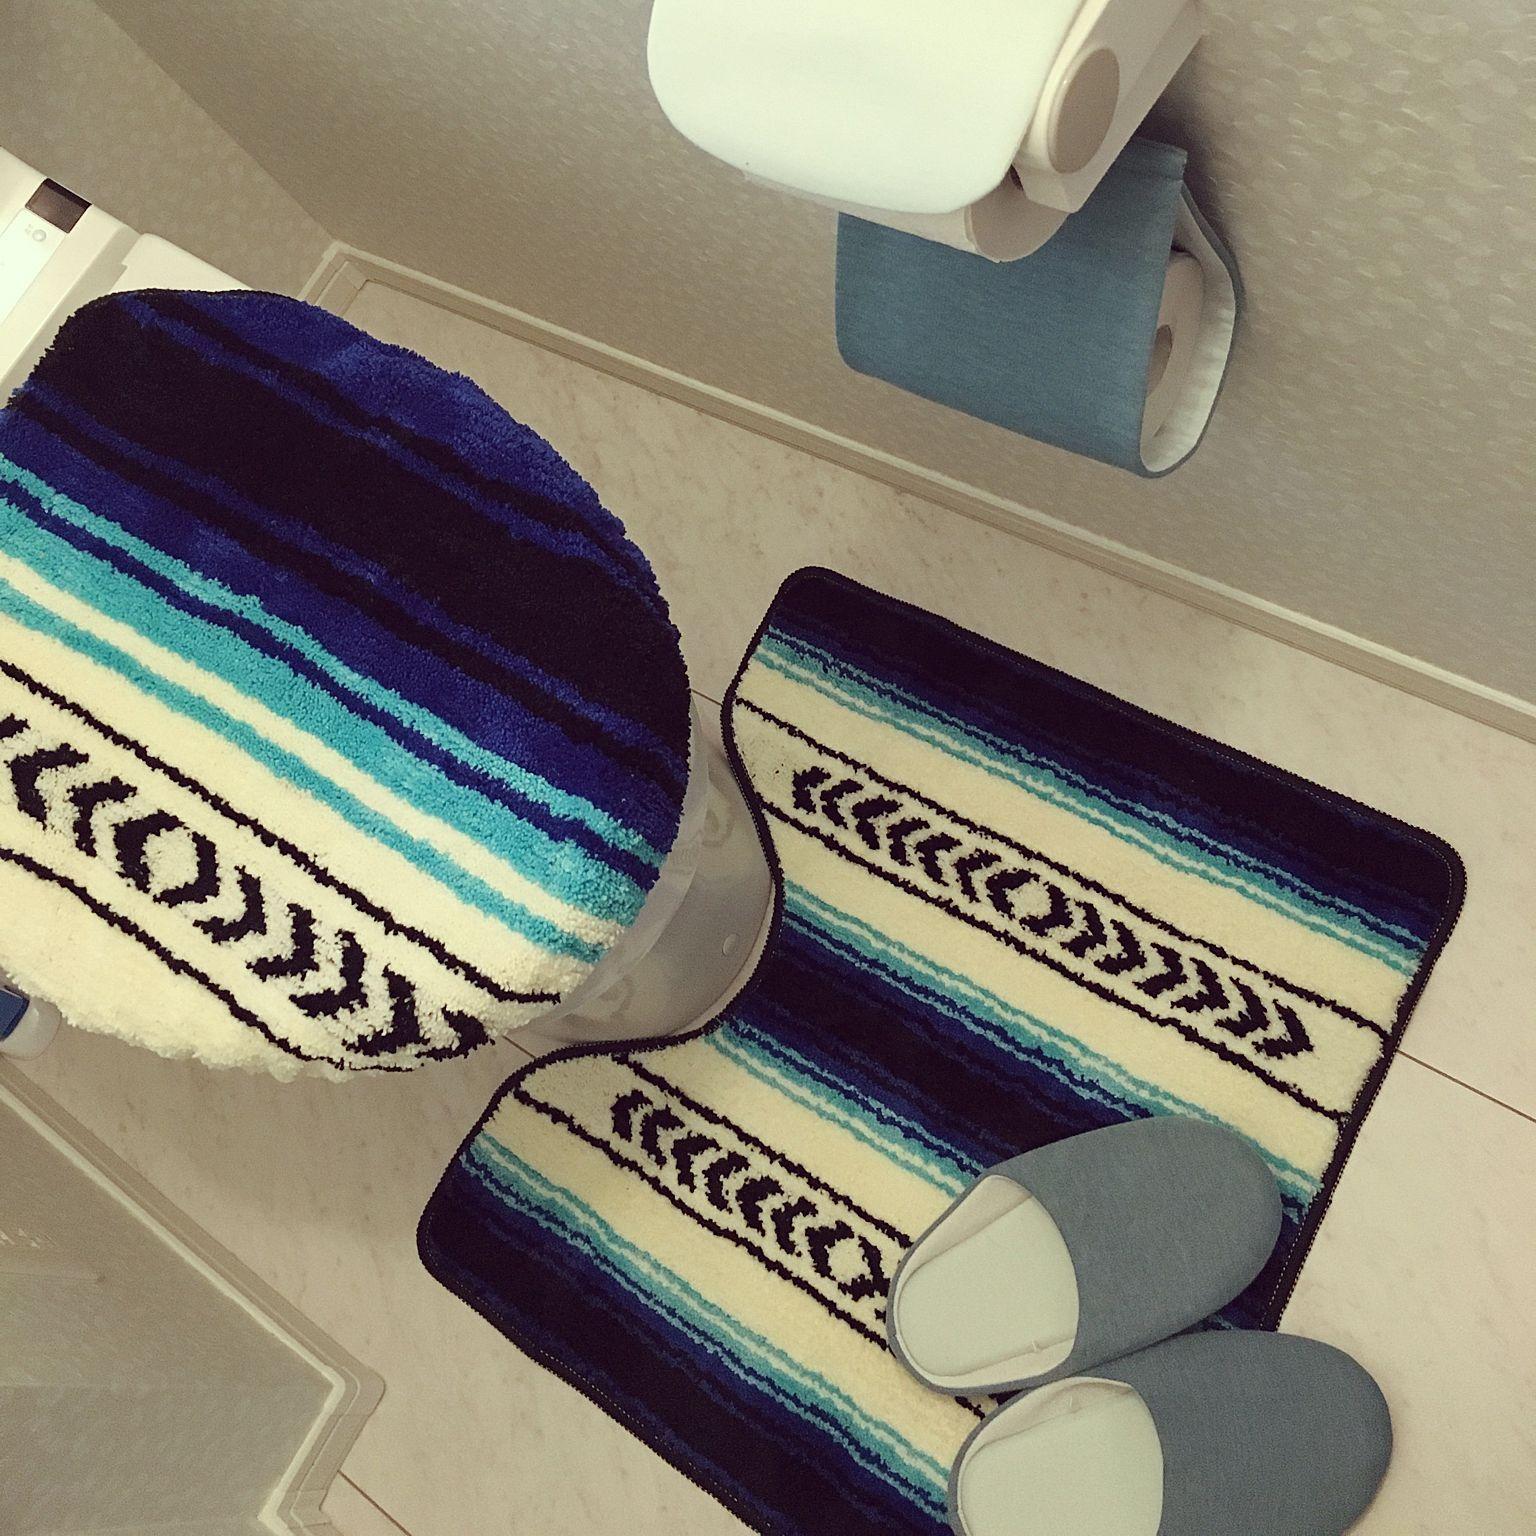 バス トイレ しまドルトン しまどるとん しまむらのトイレマット しまむら などのインテリア実例 2016 04 12 13 22 54 Roomclip ルームクリップ トイレマット インテリア 実例 インテリア